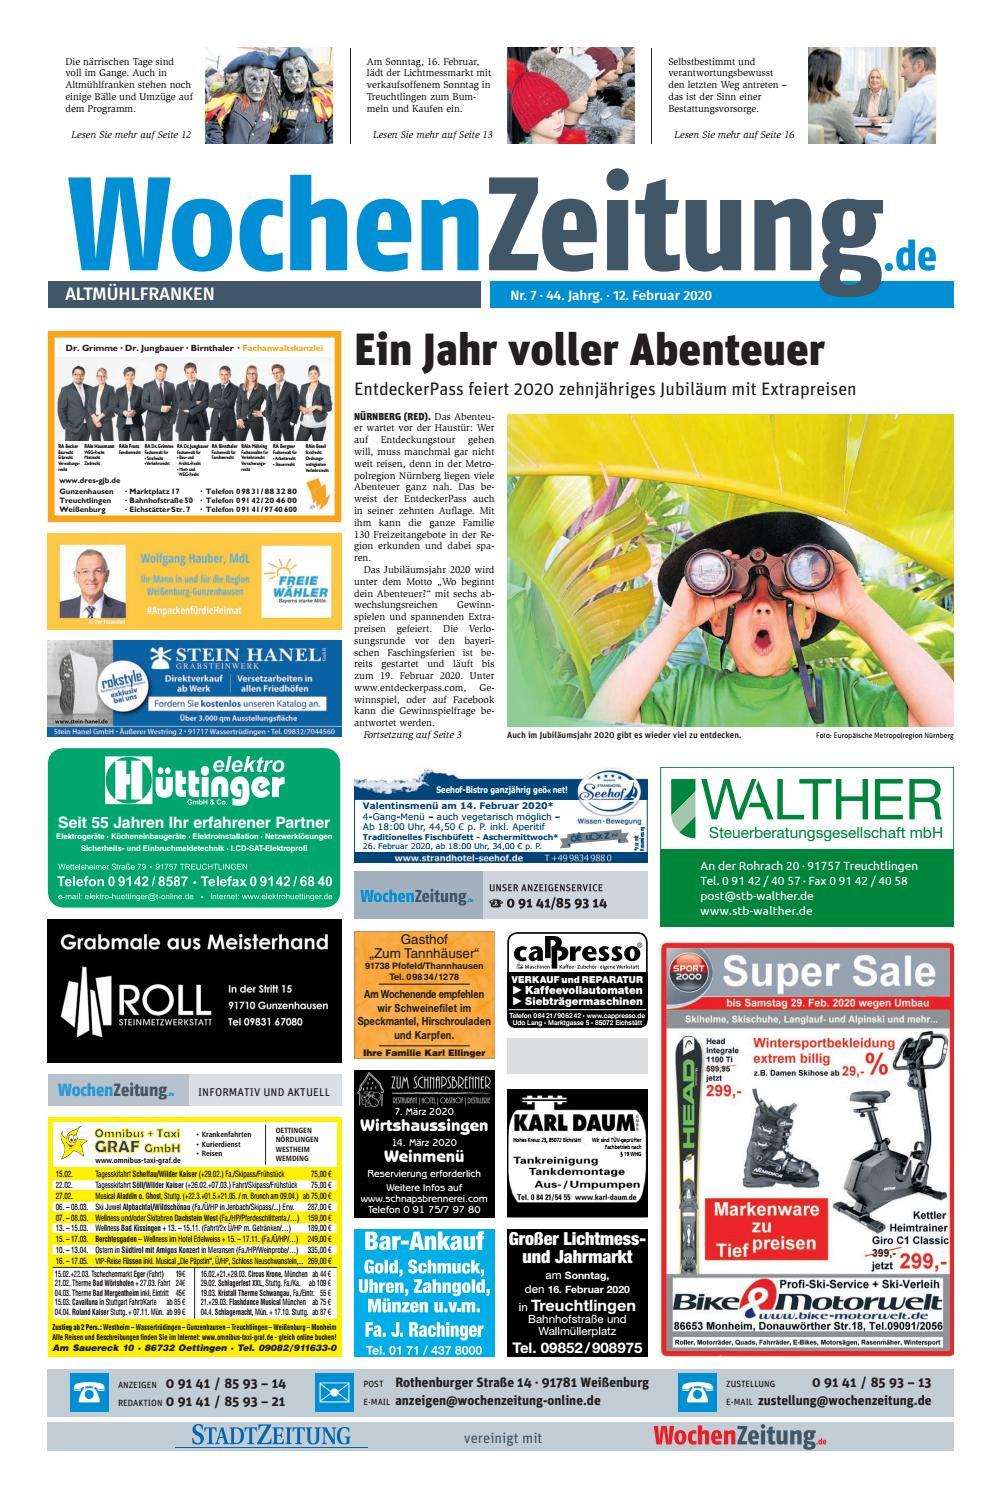 Wochenzeitung Altmuehlfranken Kw 07 20 By Wochenzeitung Sonntagszeitung Issuu